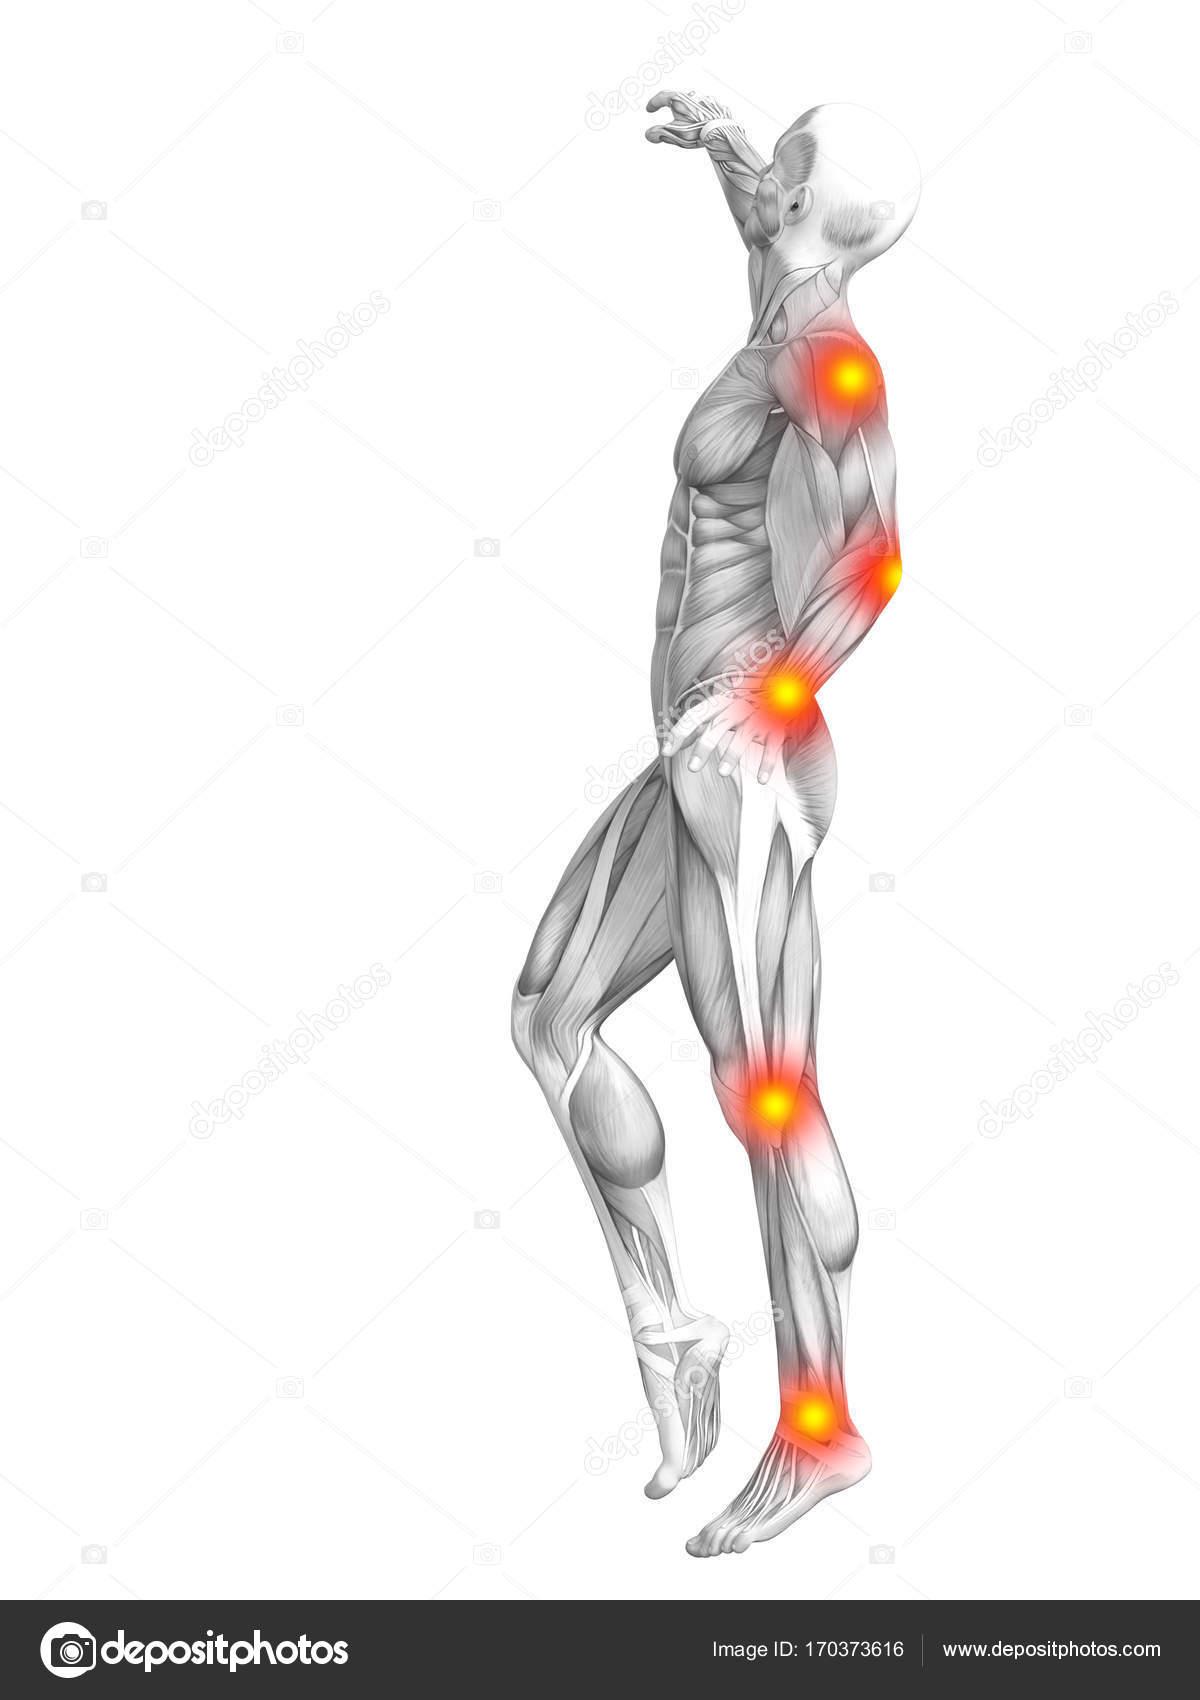 menschlichen Muskel-Anatomie — Stockfoto © design36 #170373616